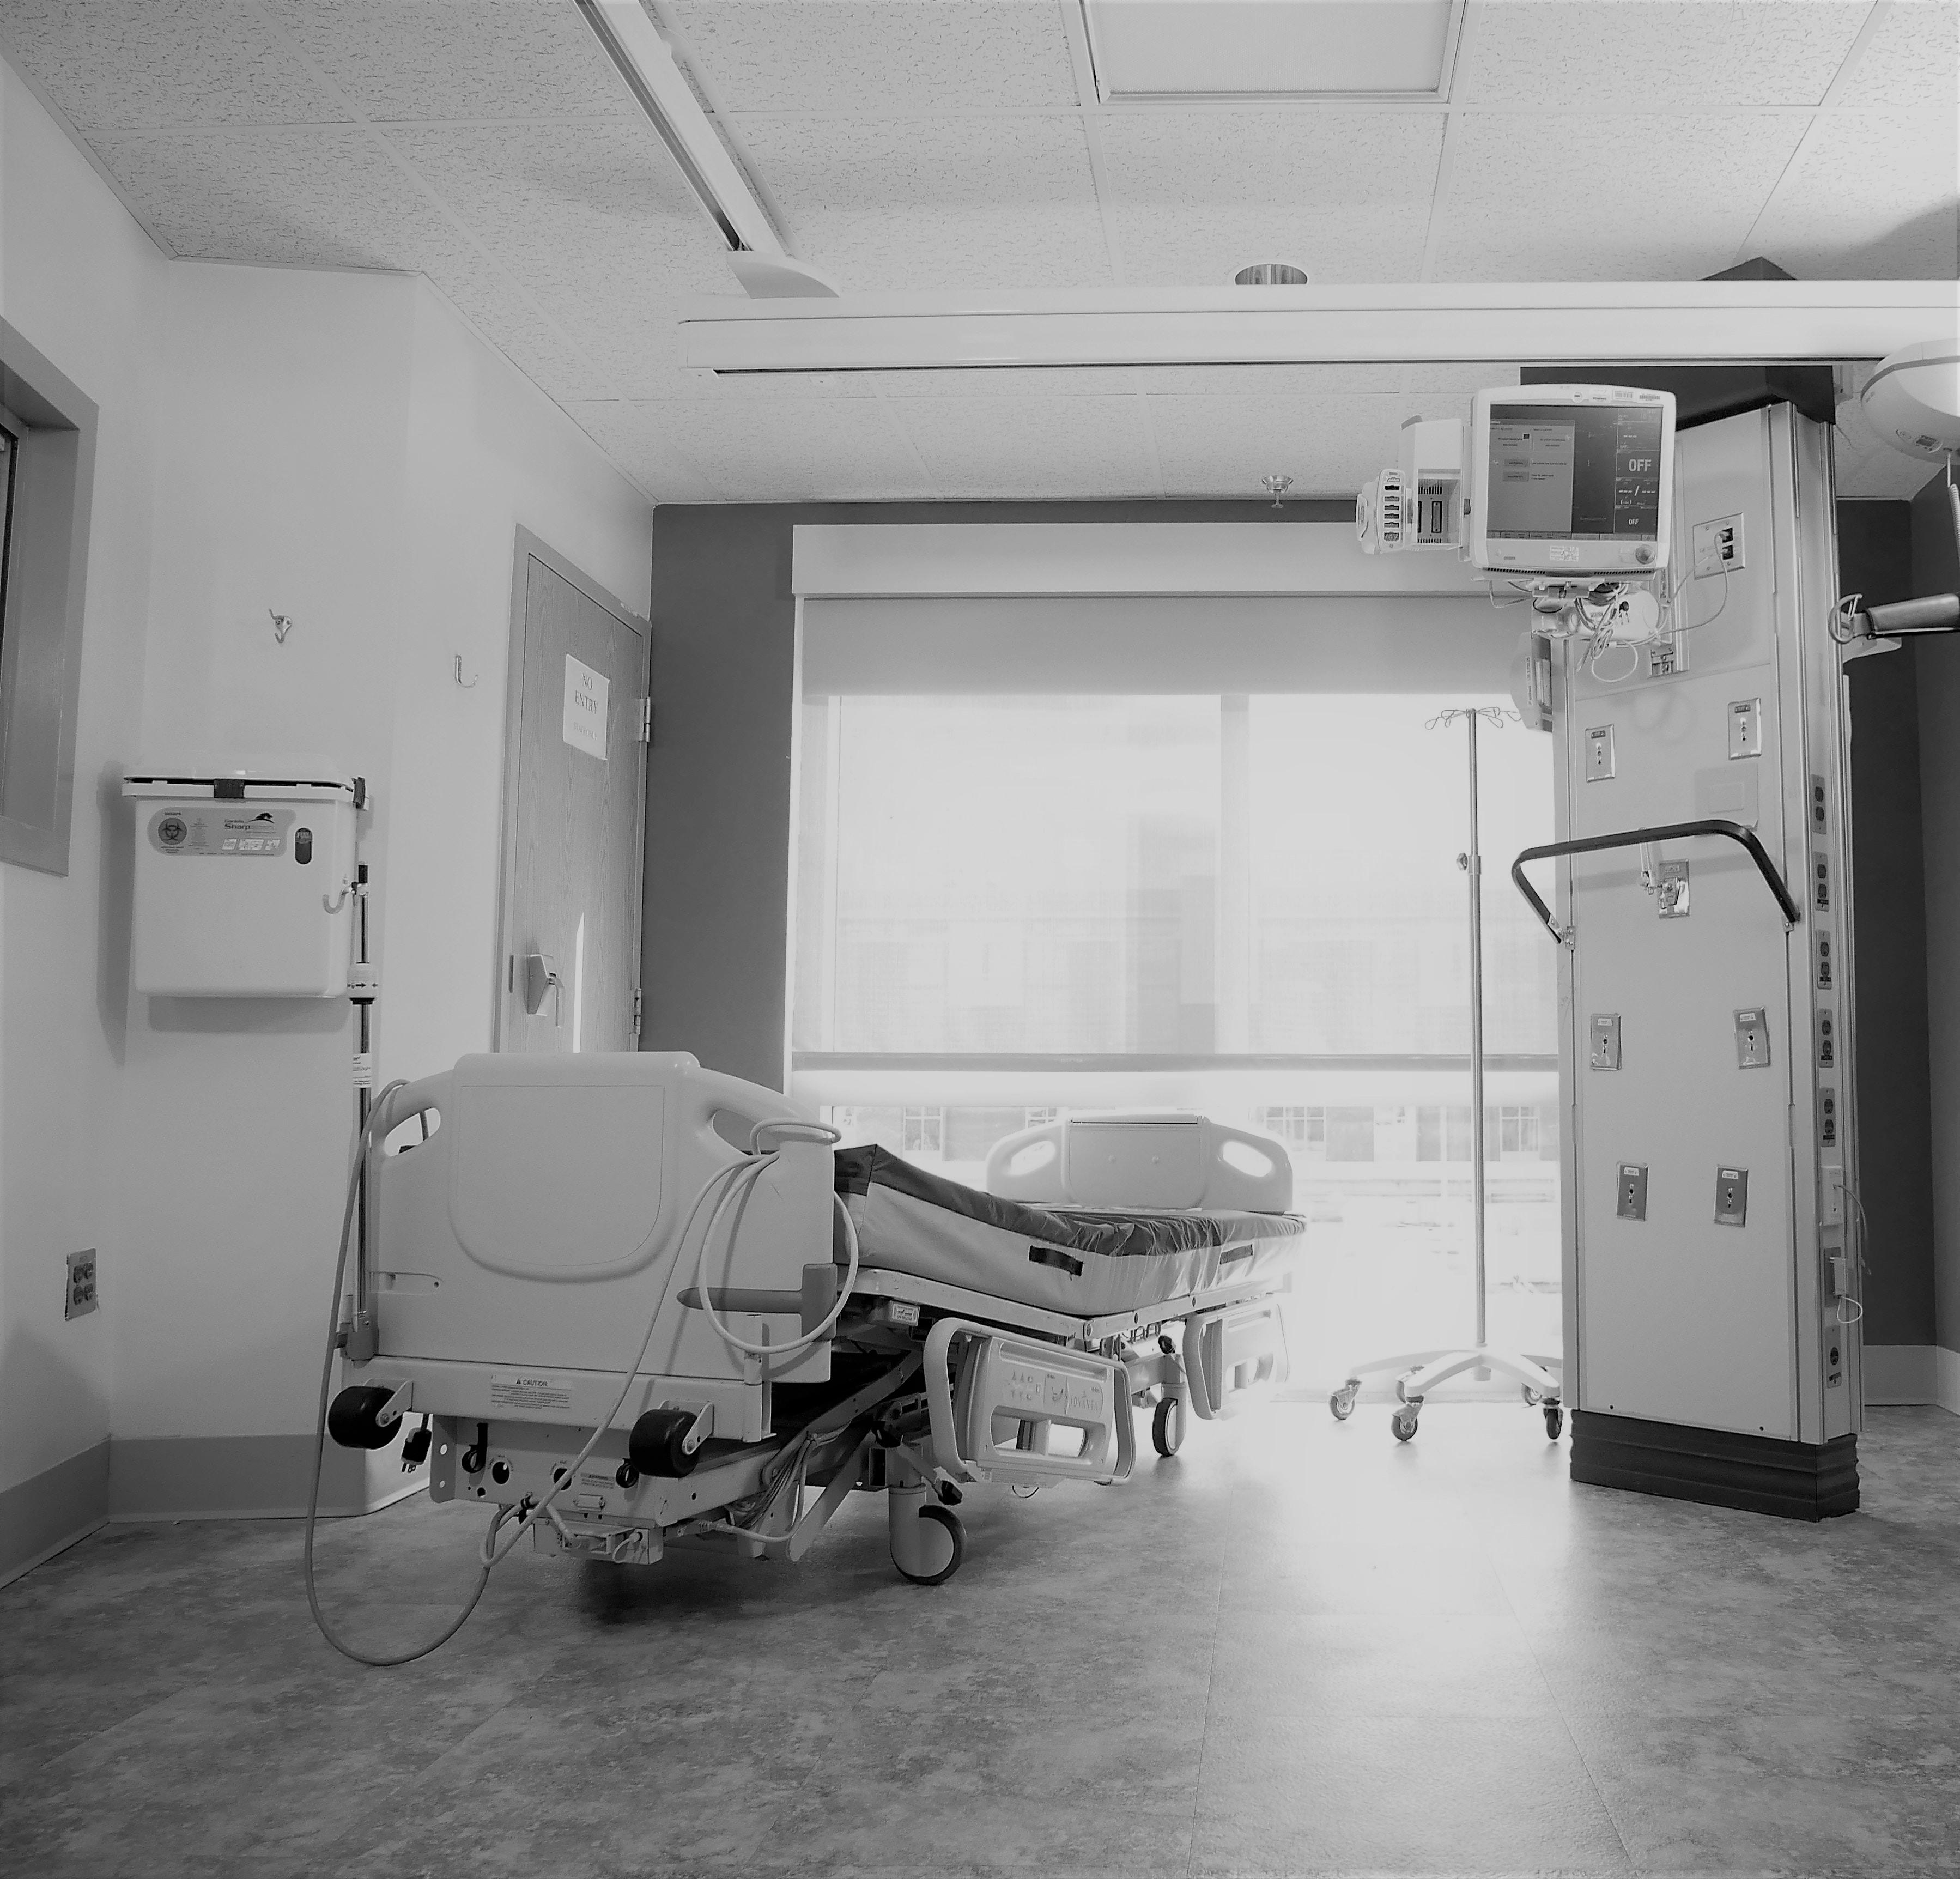 łóżko szpital - Pexels